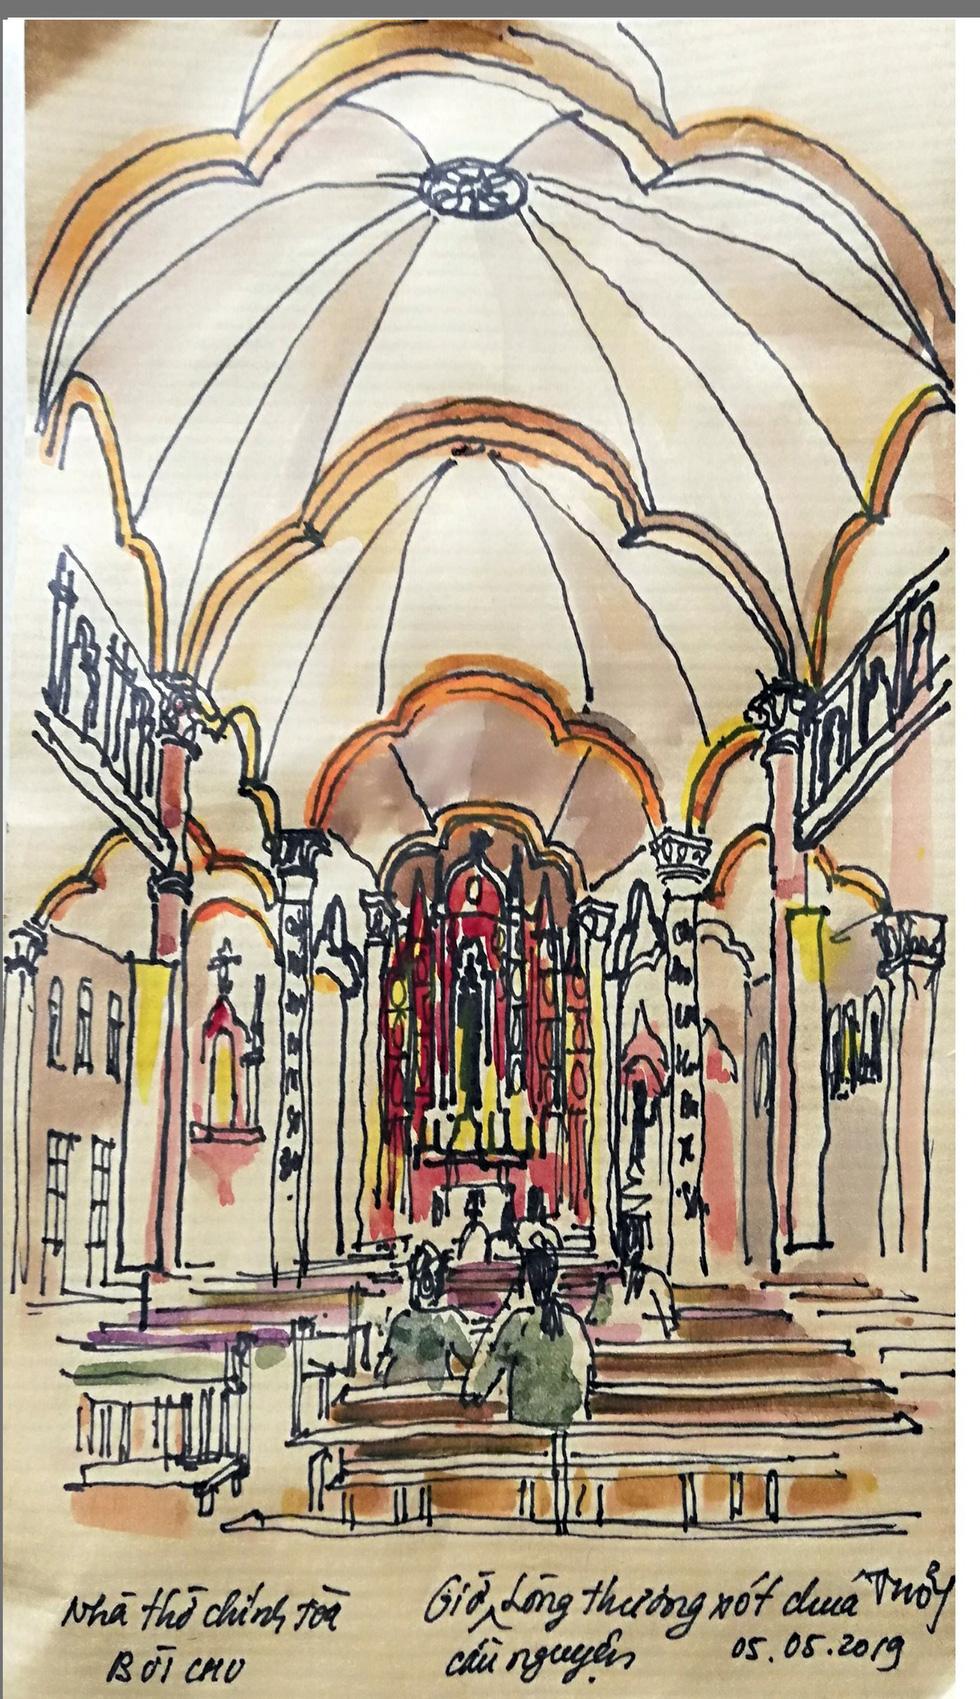 Giáo dân Bùi Chu phát hiện nhà thờ của mình lộng lẫy trên... ký họa - Ảnh 5.